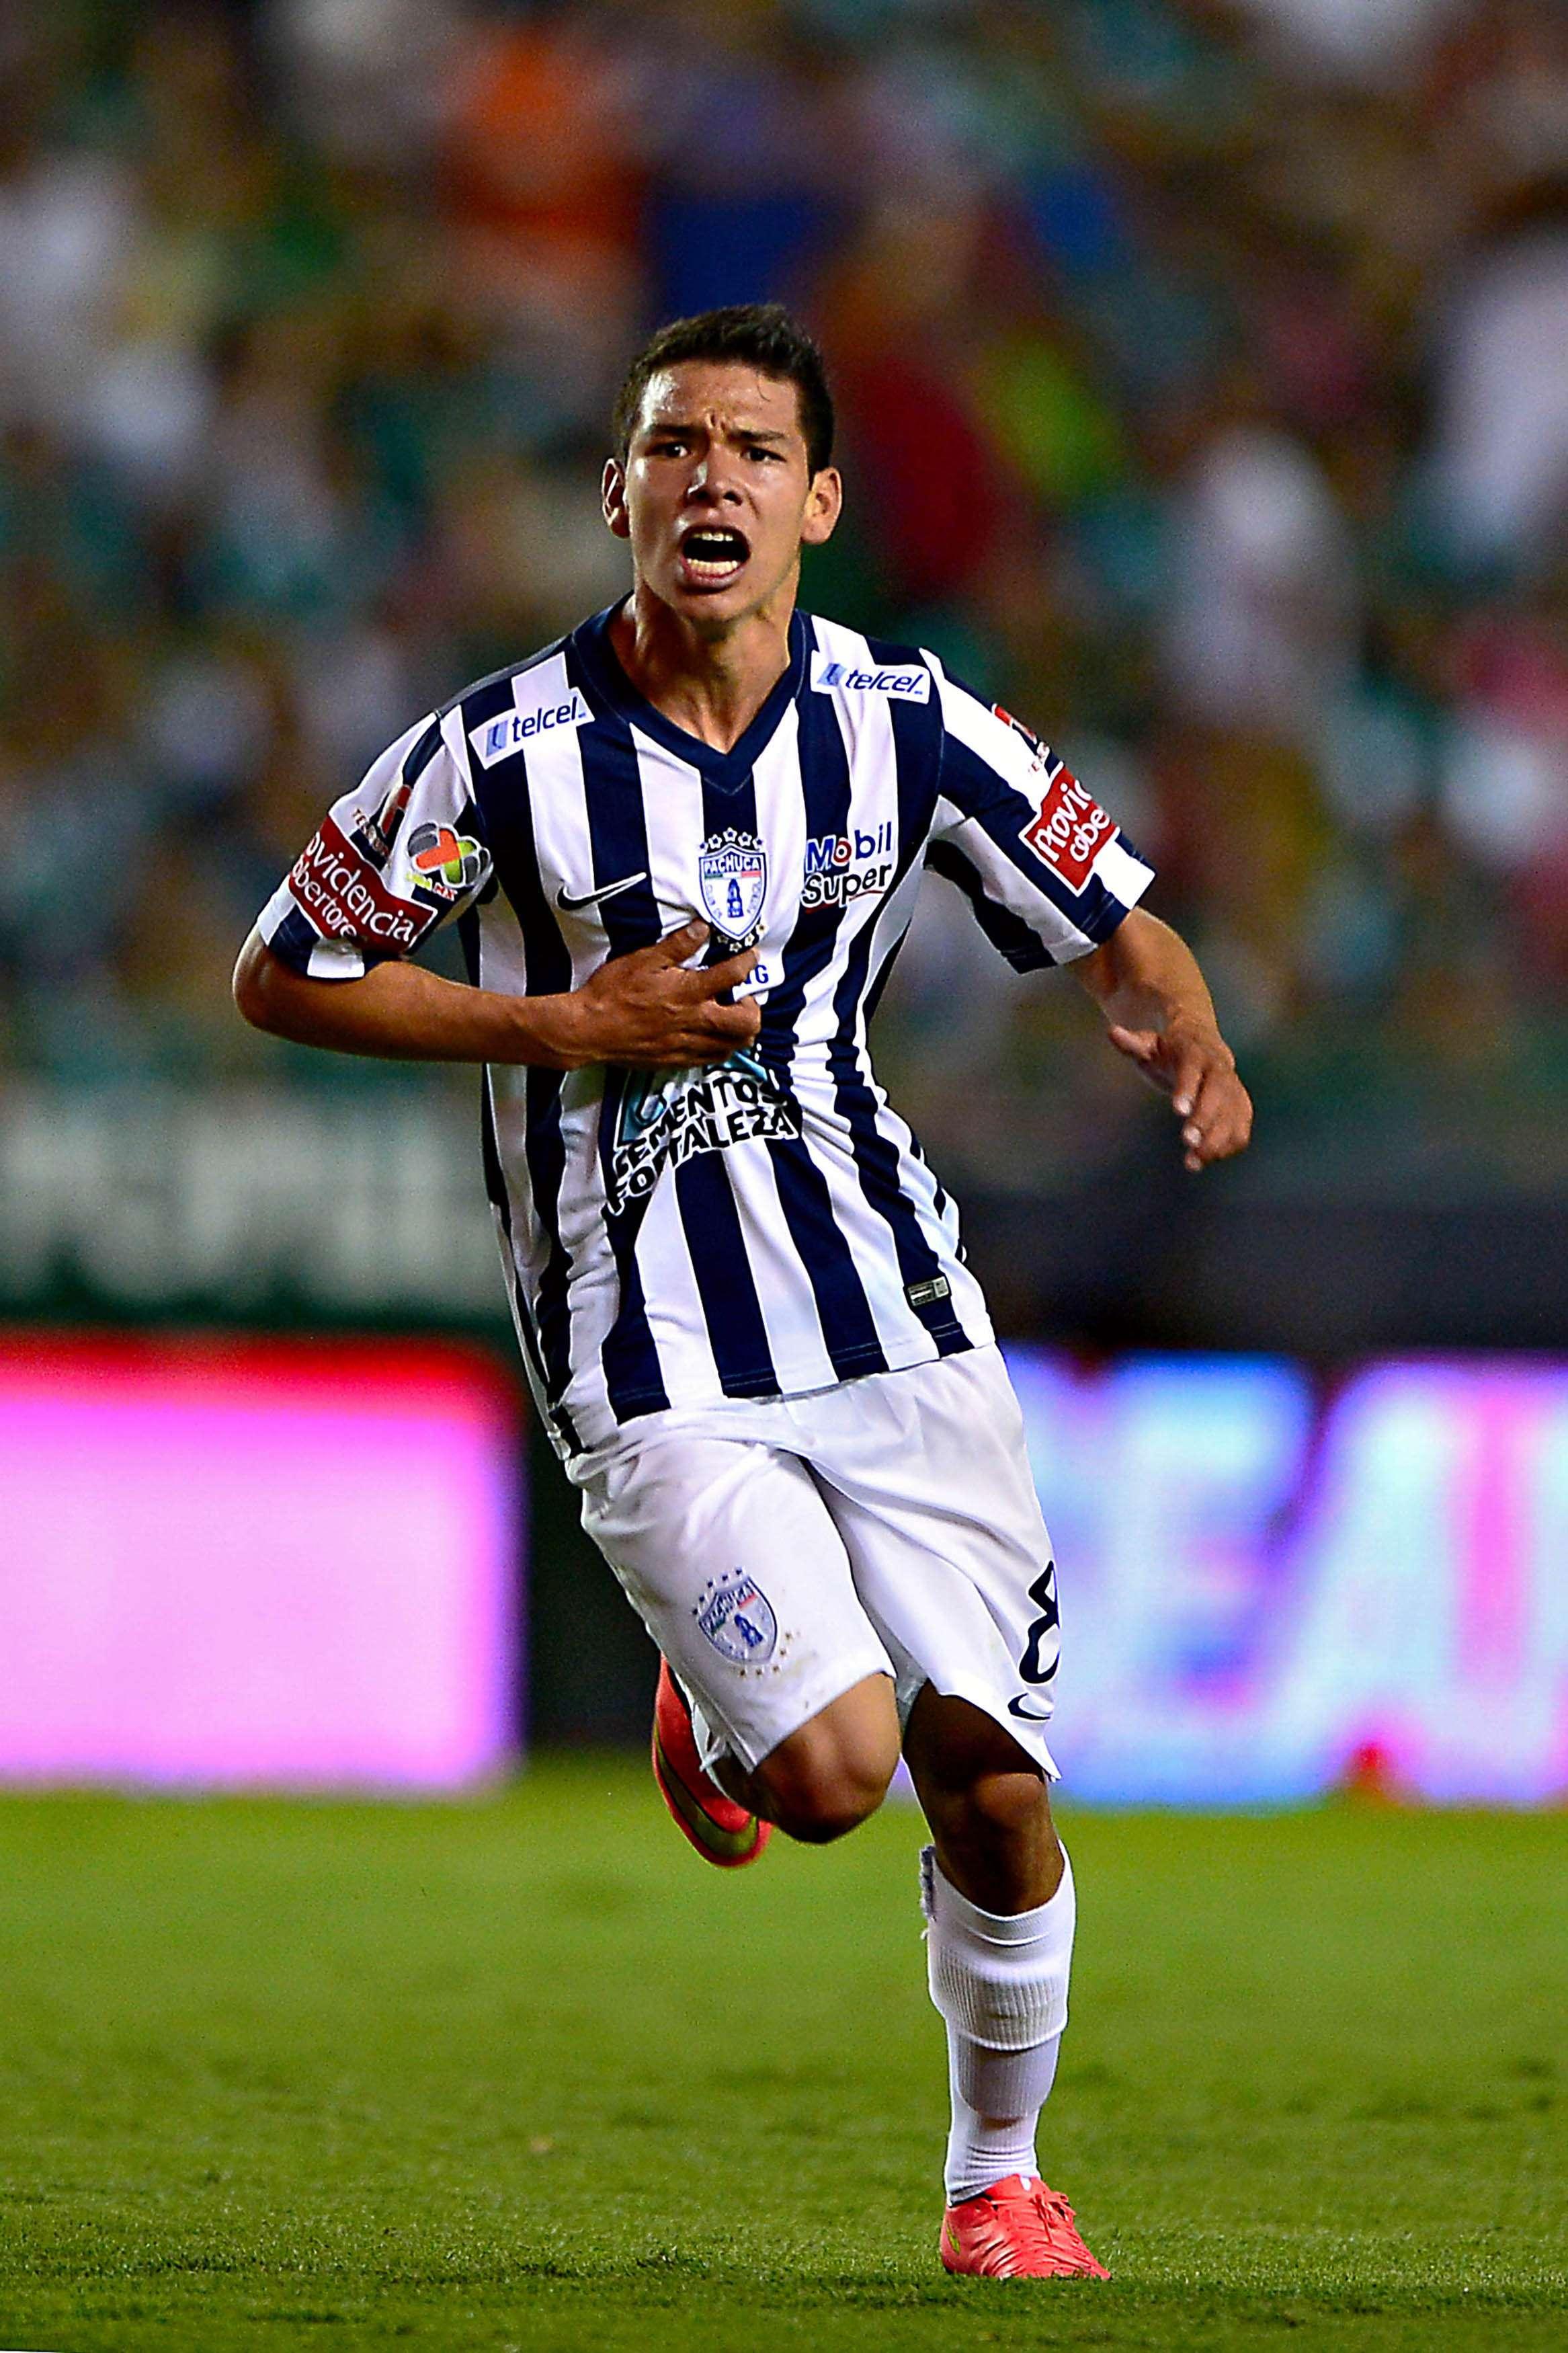 Hirving Lozano en el festejo de uno de sus goles al León. Foto: Mexsport